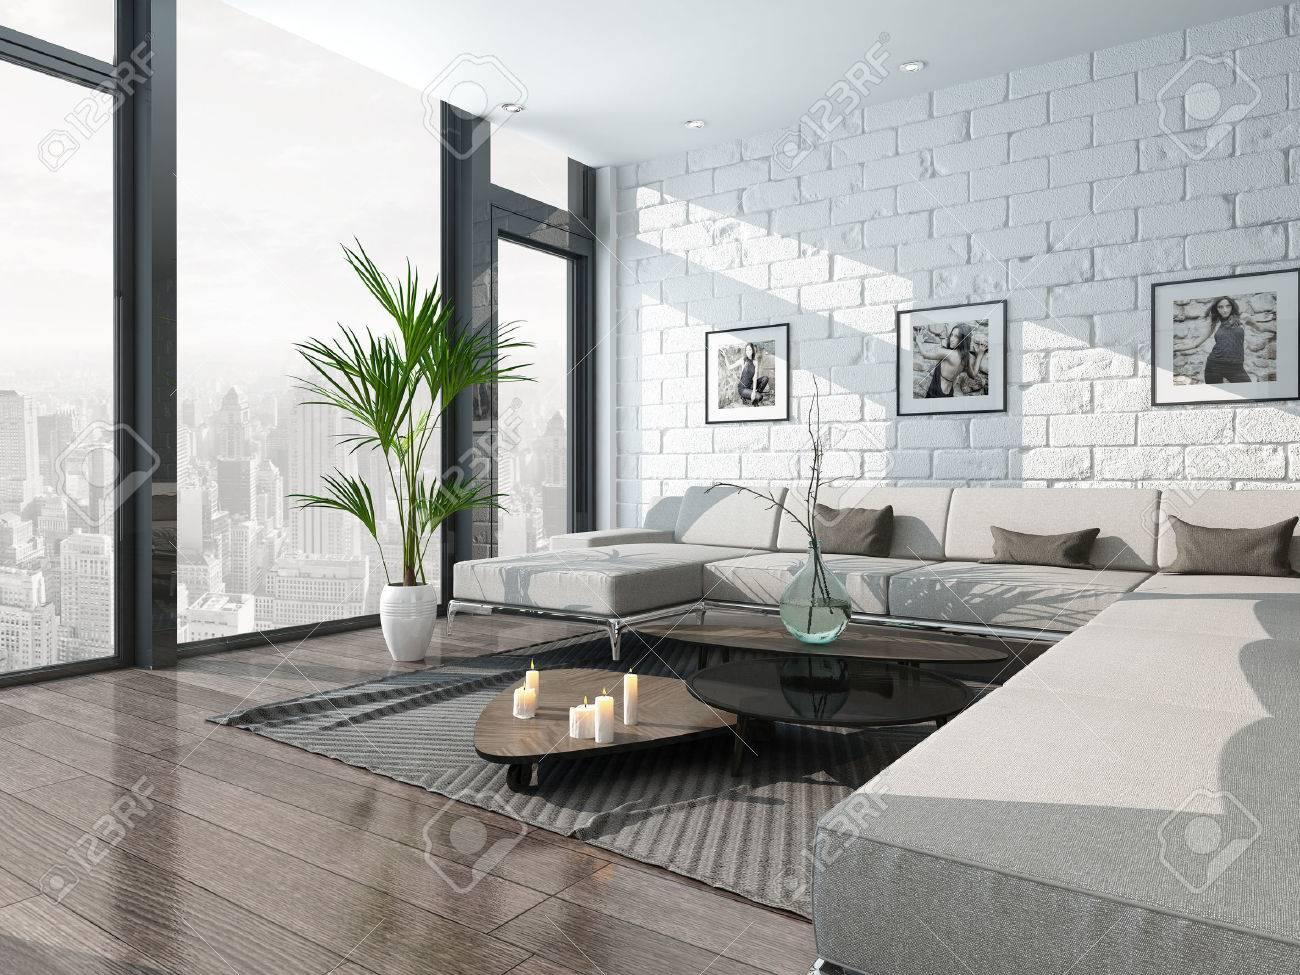 Trevligt vardagsrum inredning med soffa och tegelvägg royalty fria ...